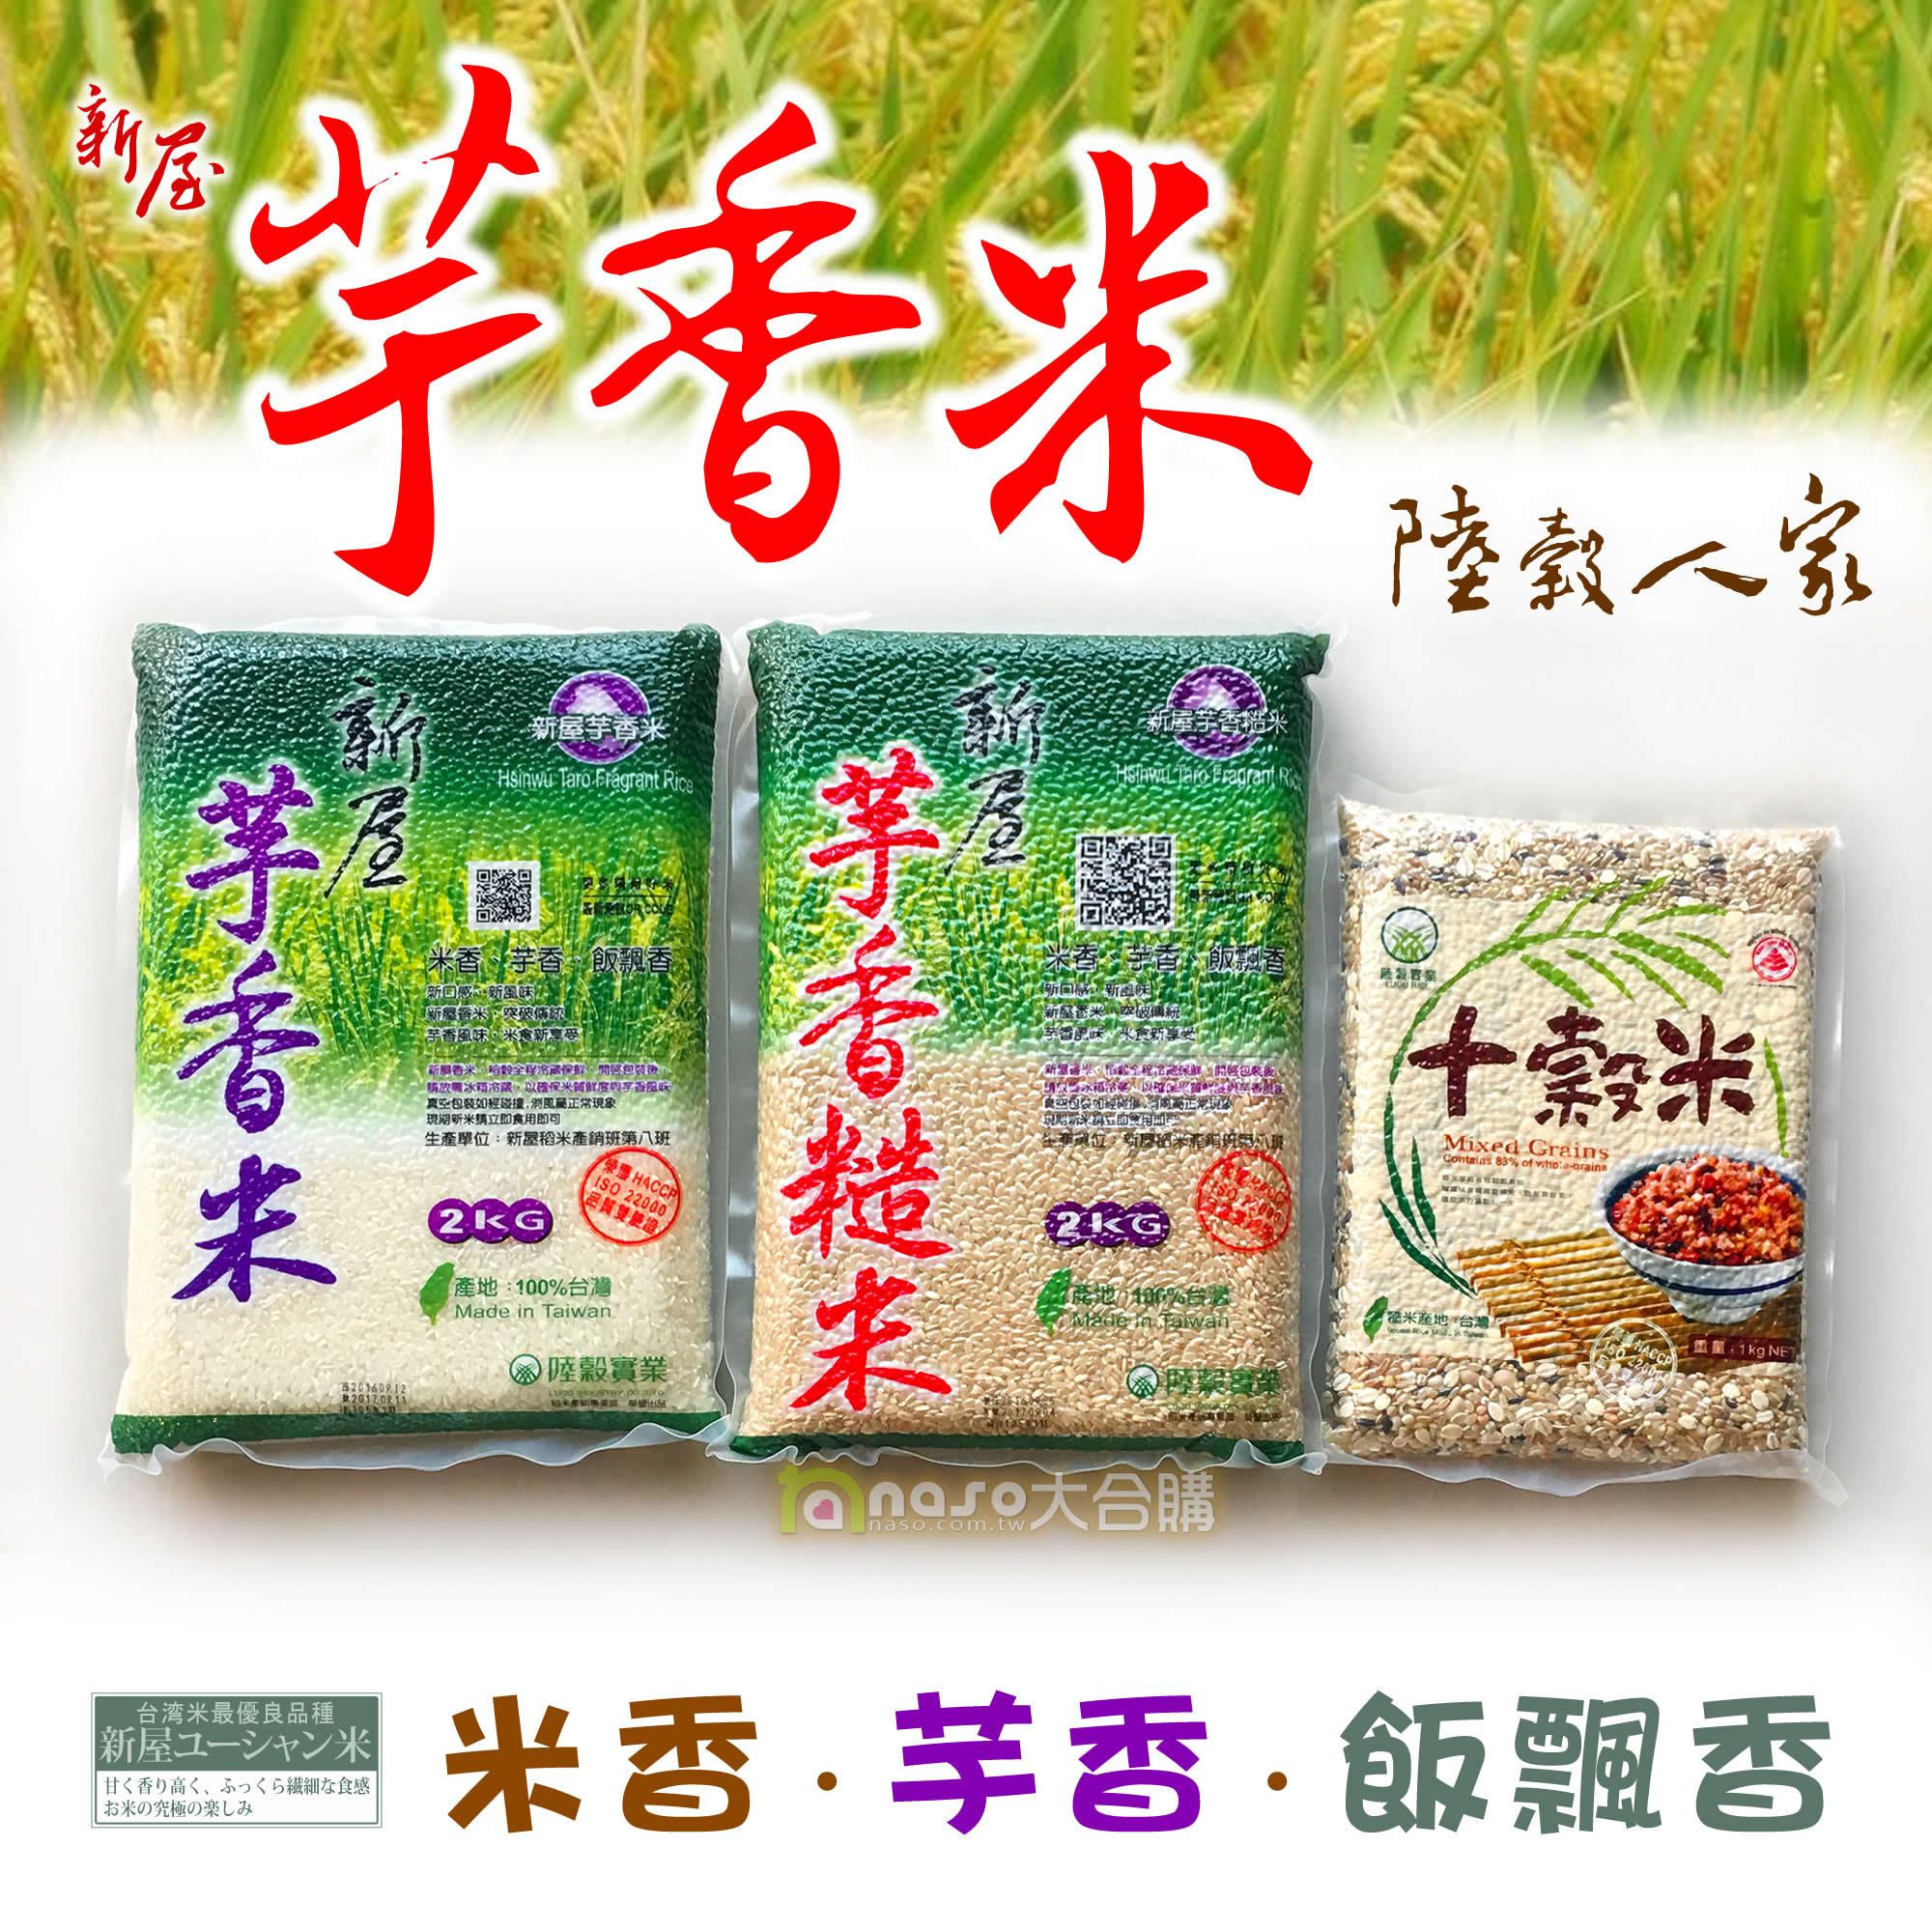 【陸穀人家】新屋芋香米/芋香糙米/十穀米 好評第5團